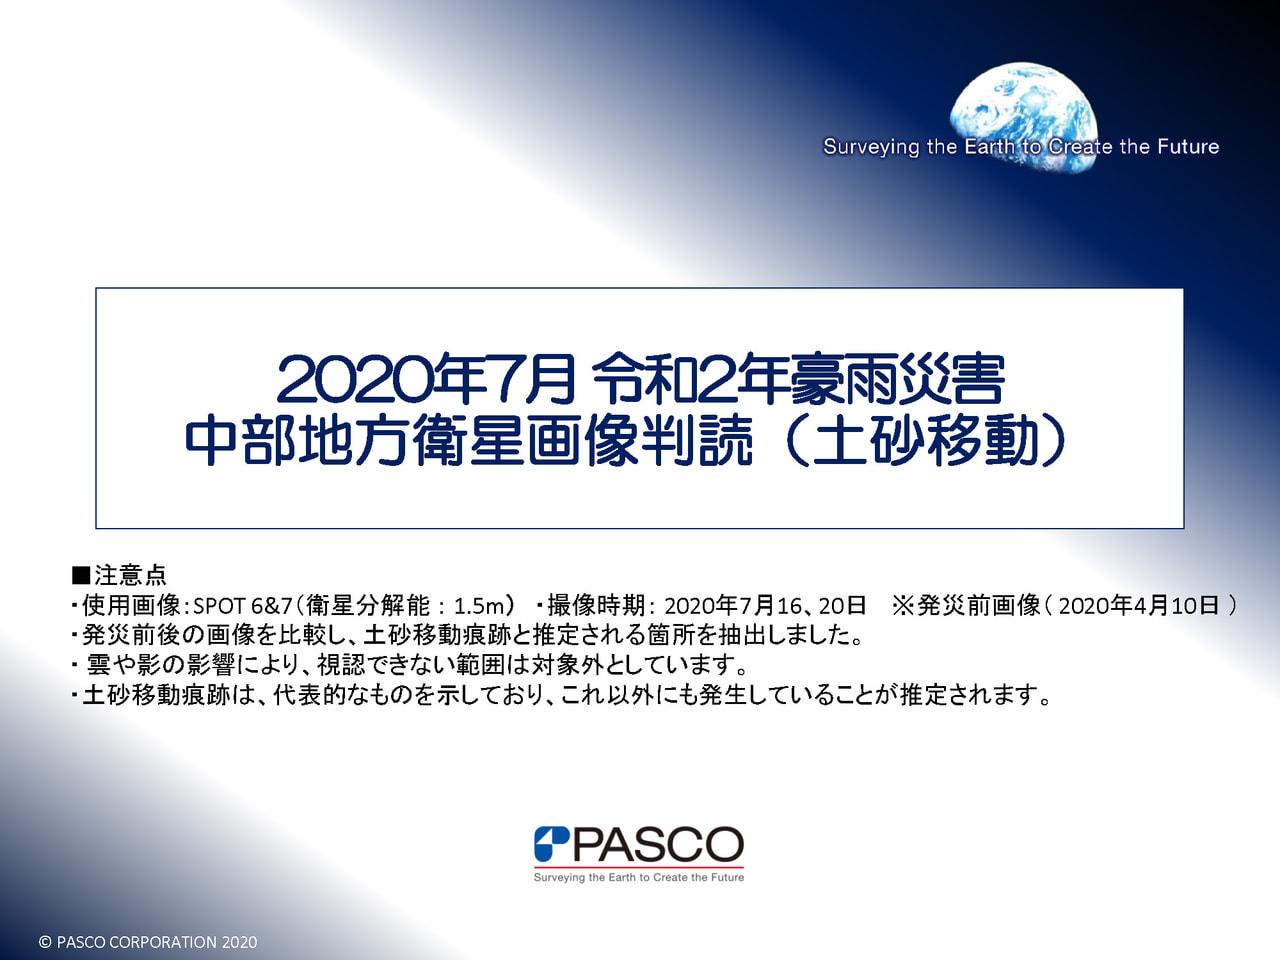 7月16・20日衛星画像【土砂移動判読】